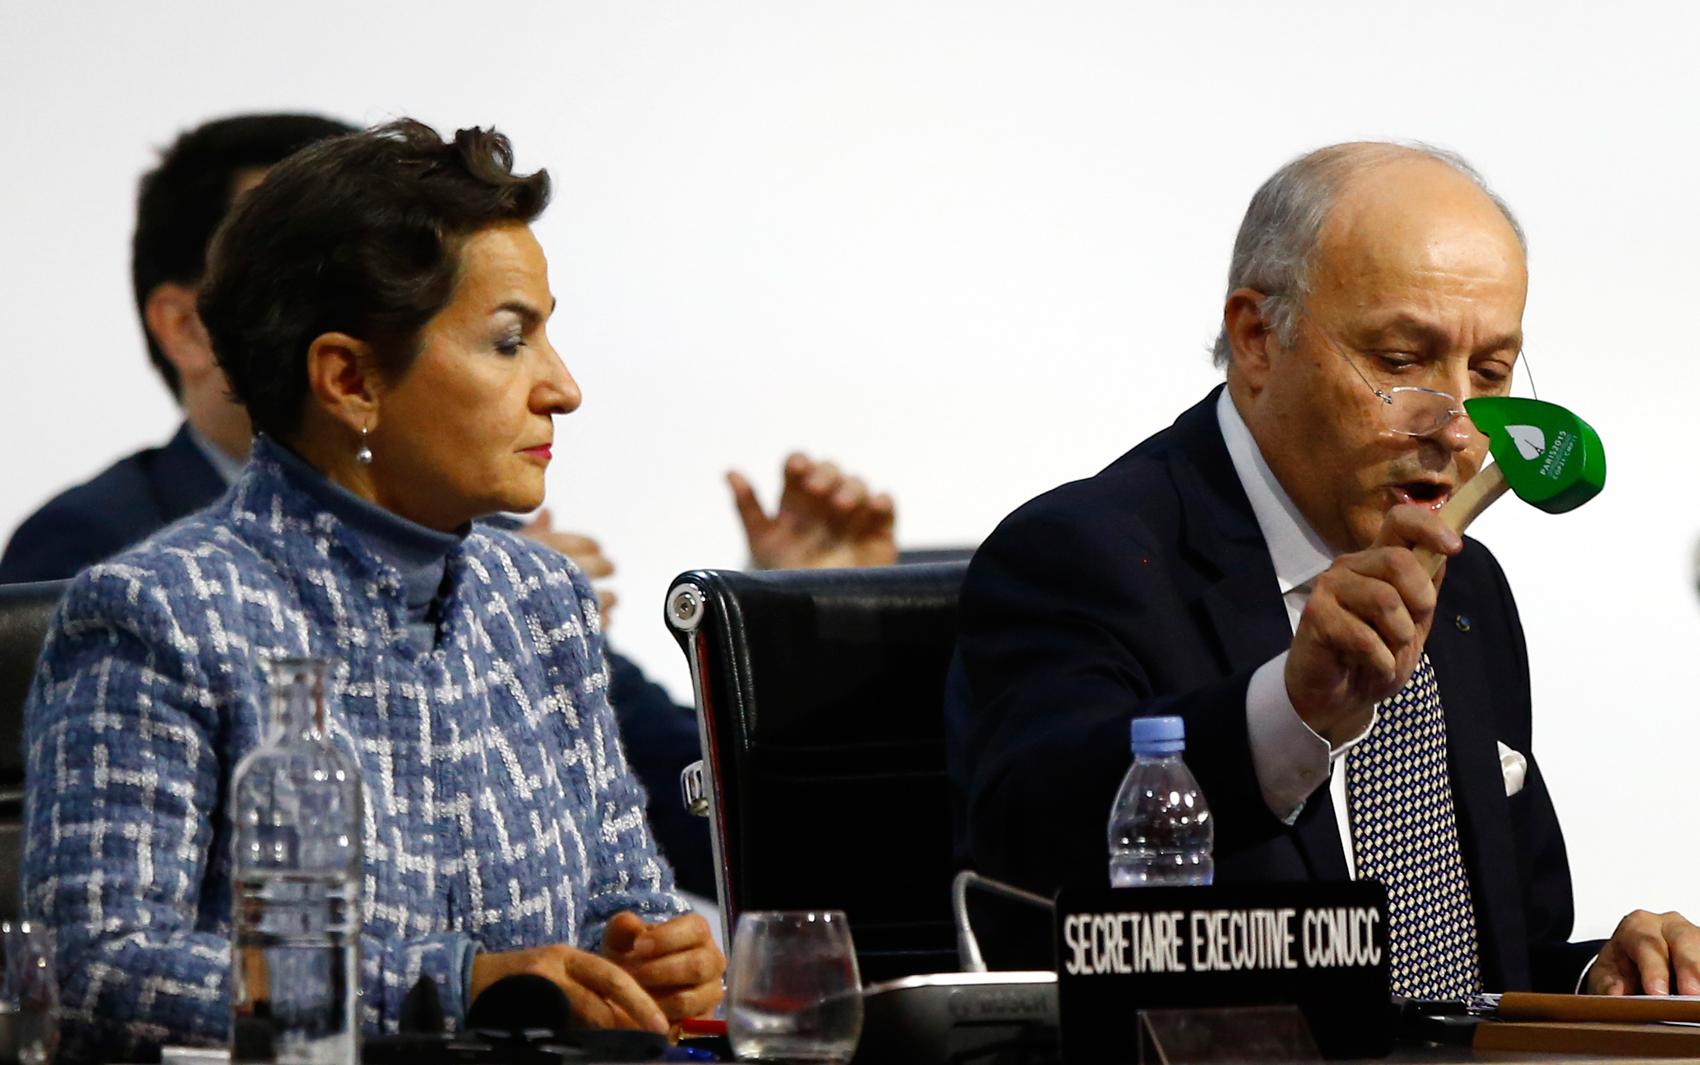 Presidente da COP 21, Laurent Fabius, usa martelo em forma de folha para marcar a aprovação do acordo do clima